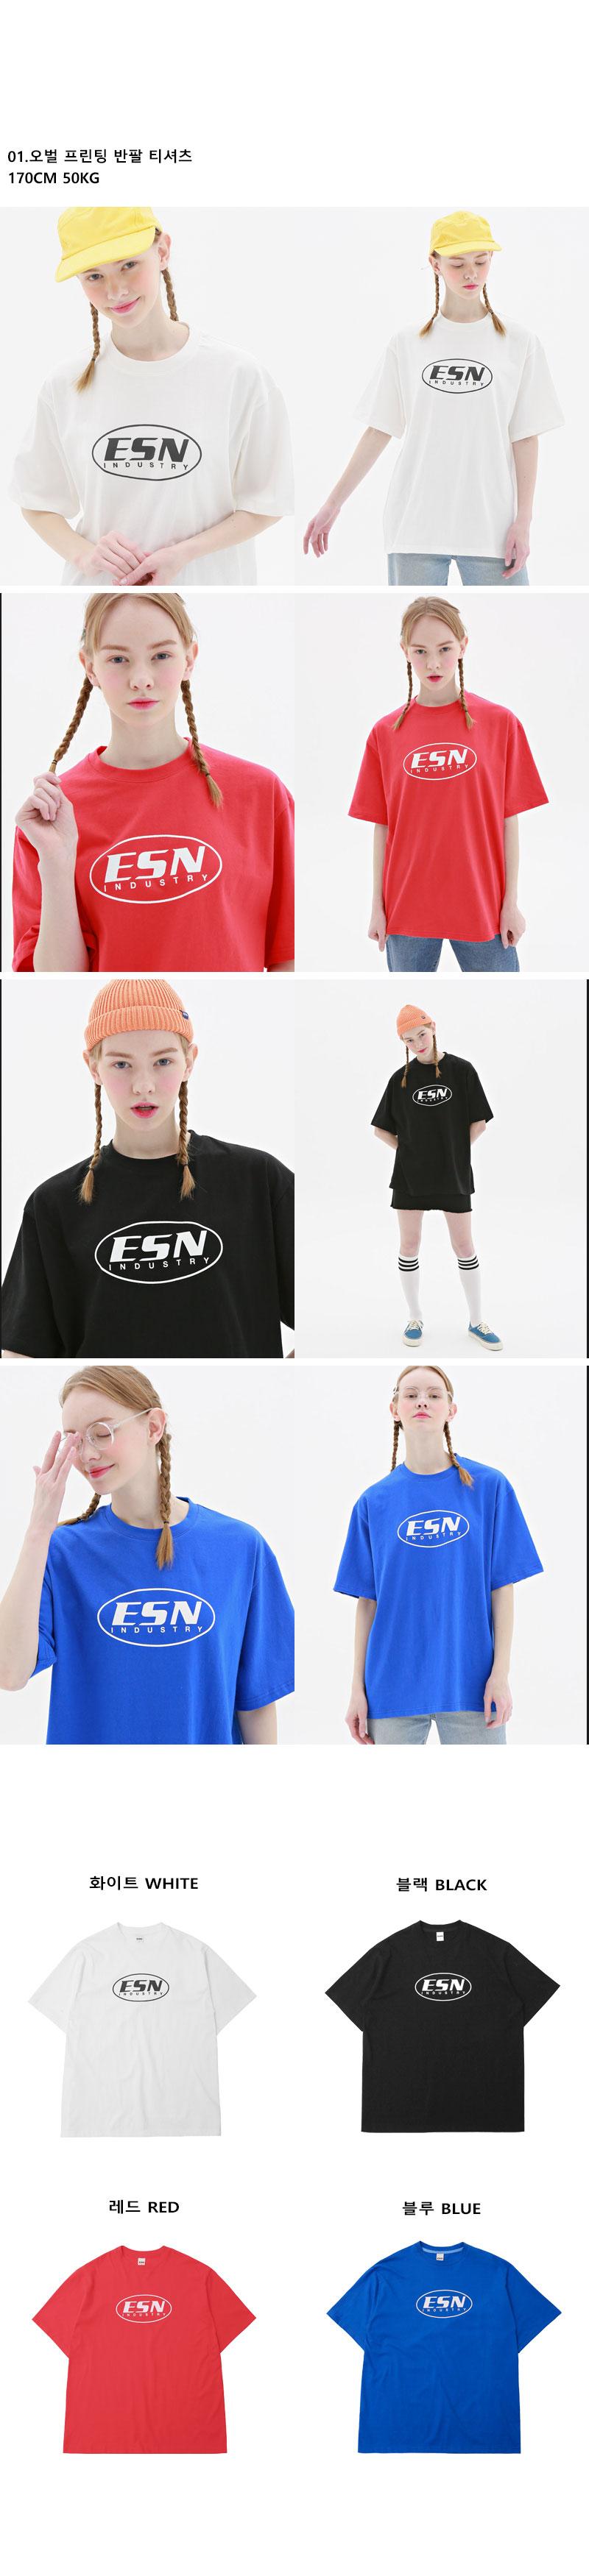 (1+1)이에스엔 프린팅 반팔 티셔츠